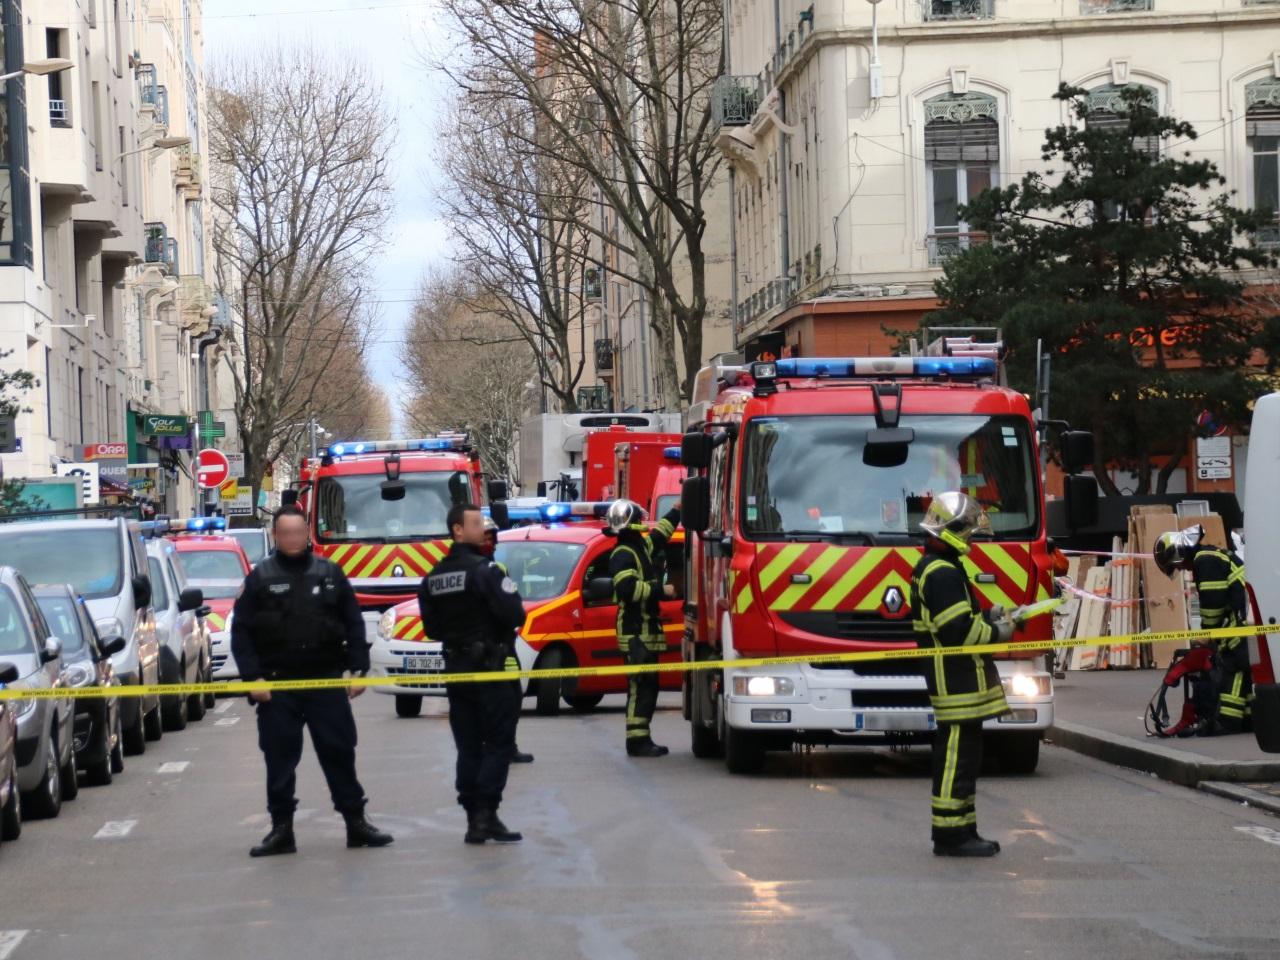 Vaulx-en-Velin : une odeur de gaz entraîne l'évacuation d'une centaine de personnes